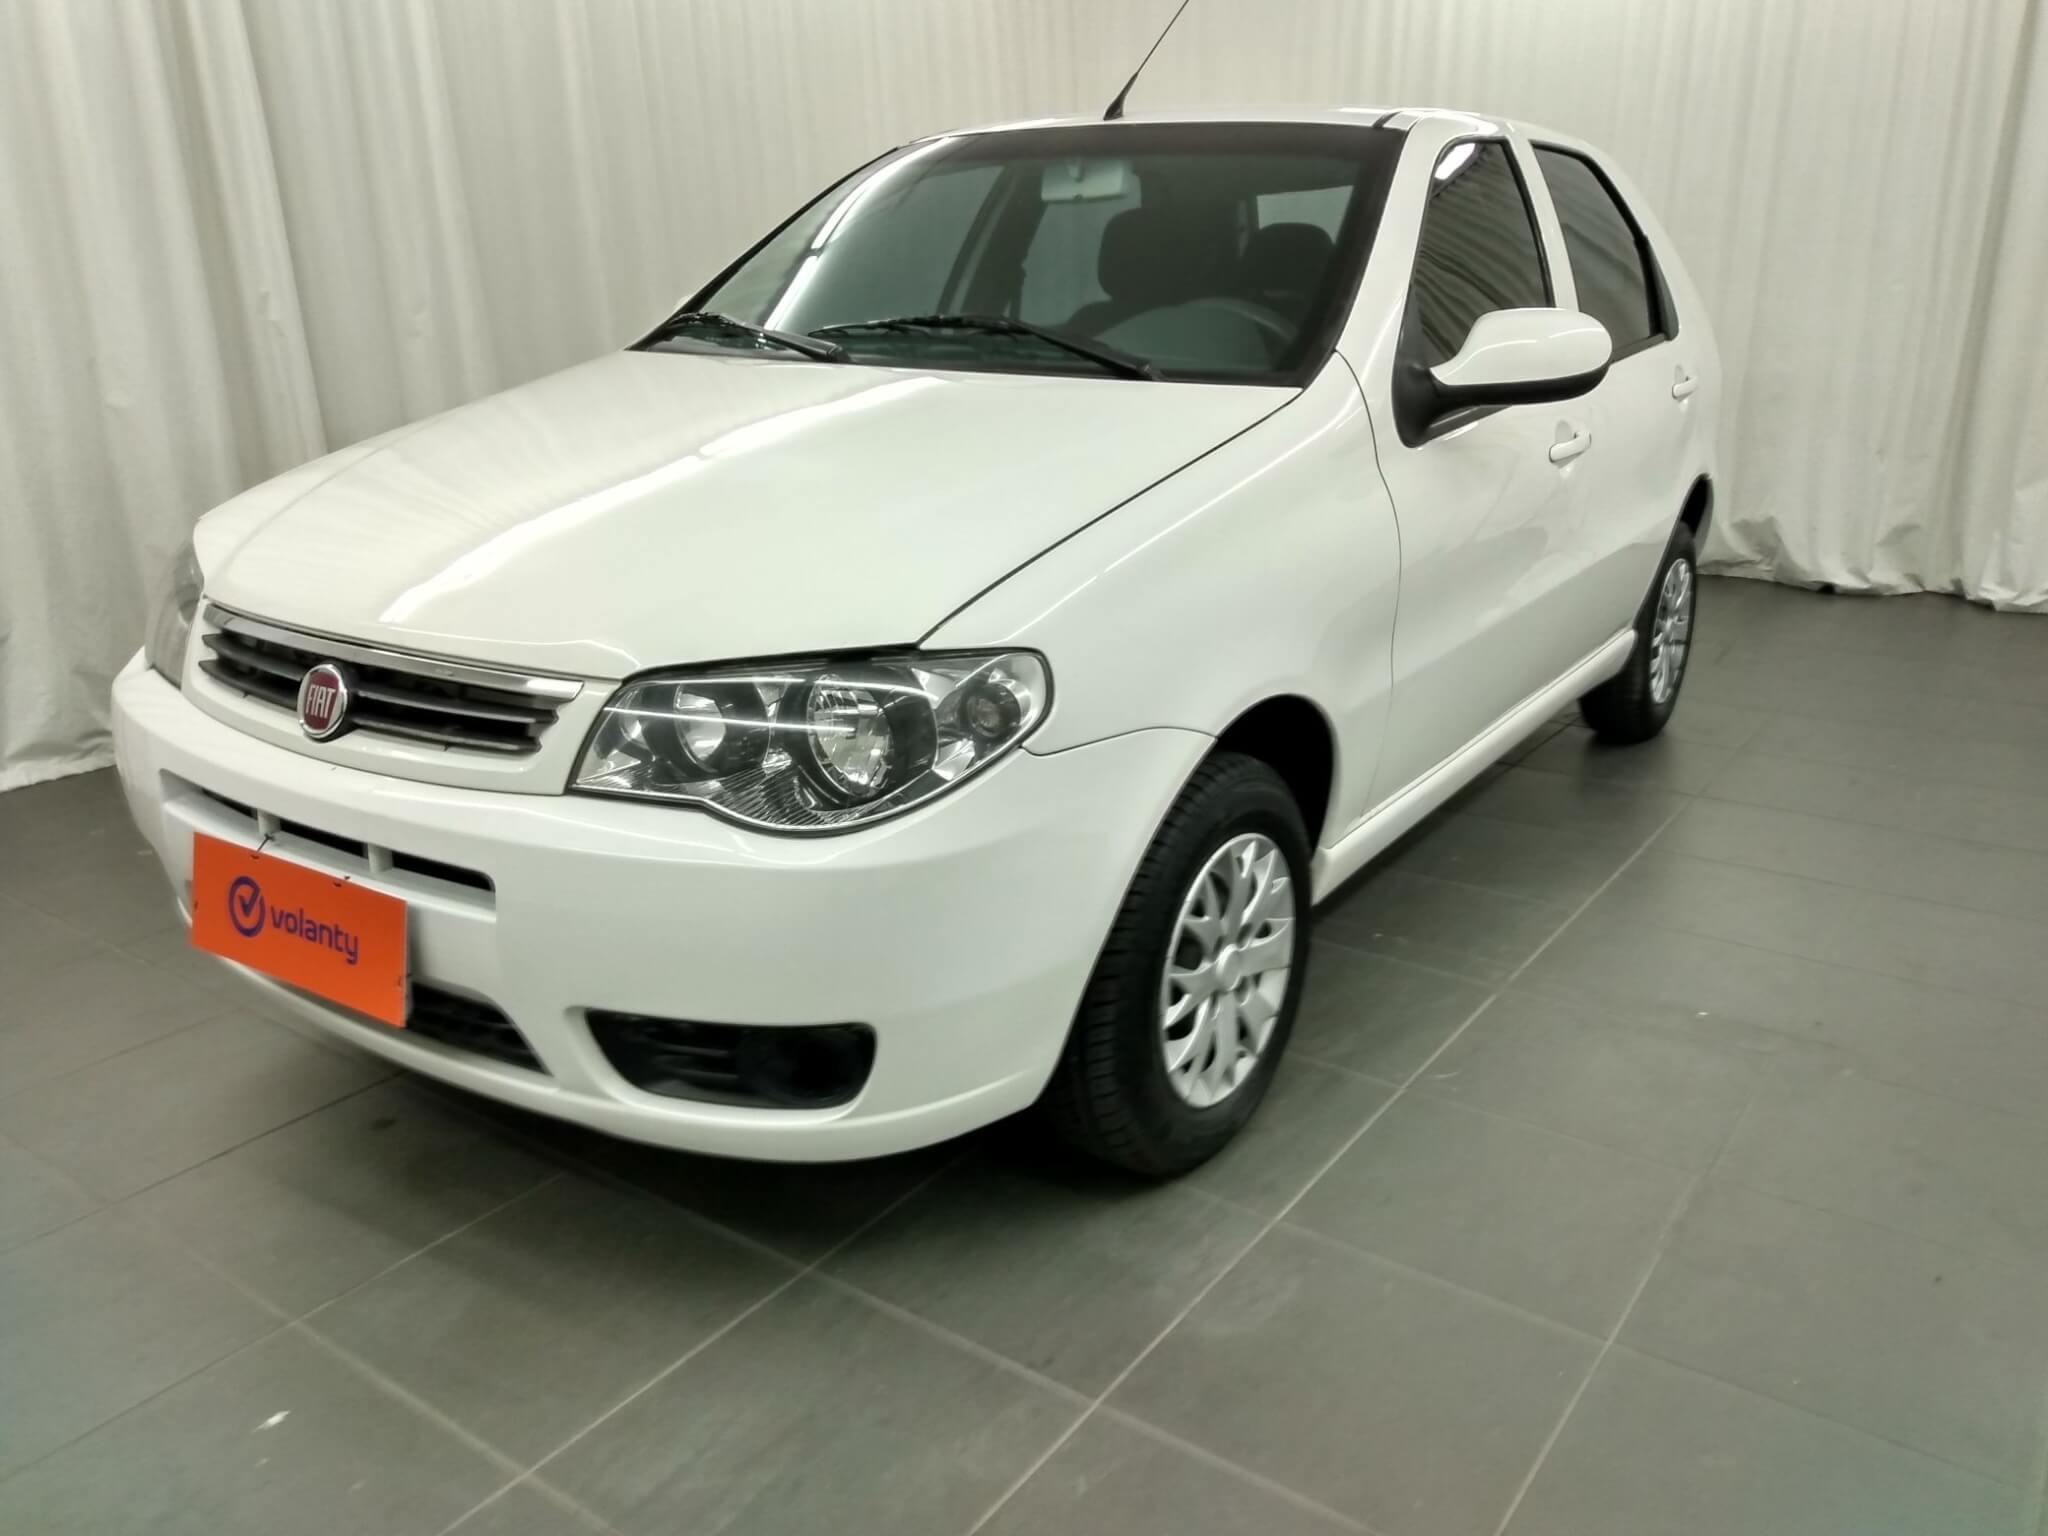 Imagem do Fiat Palio